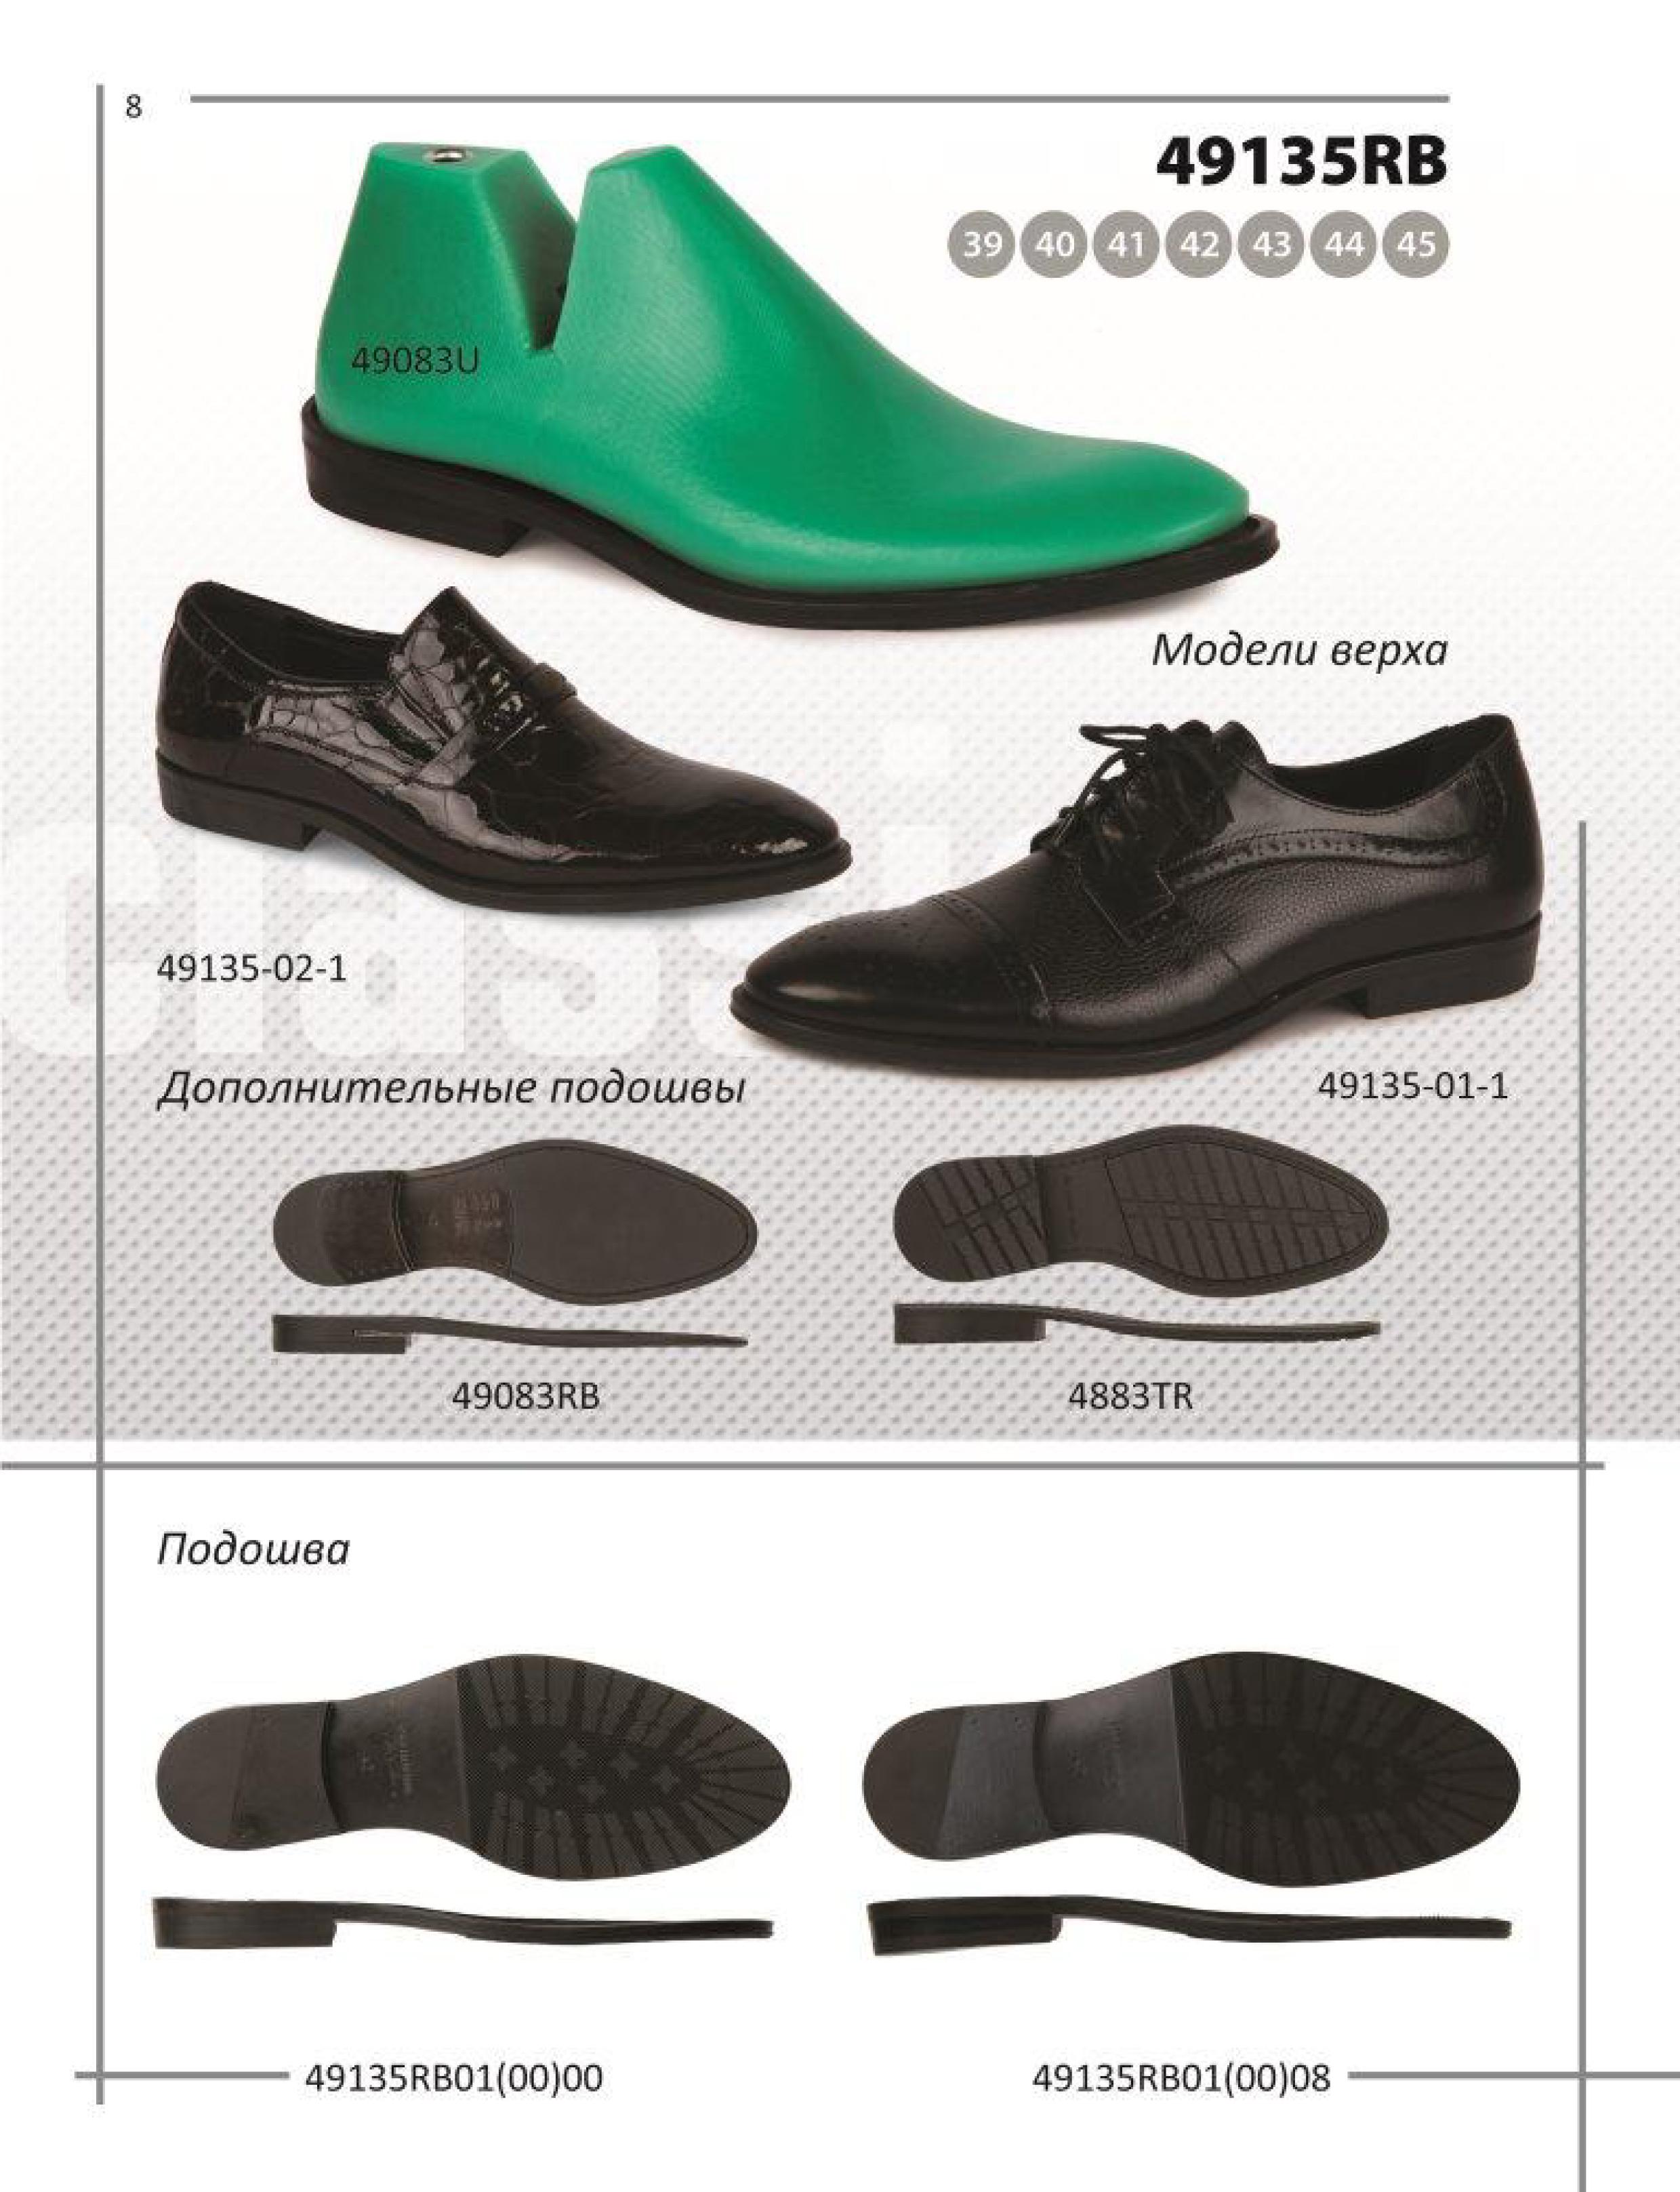 обувные материалы в москве